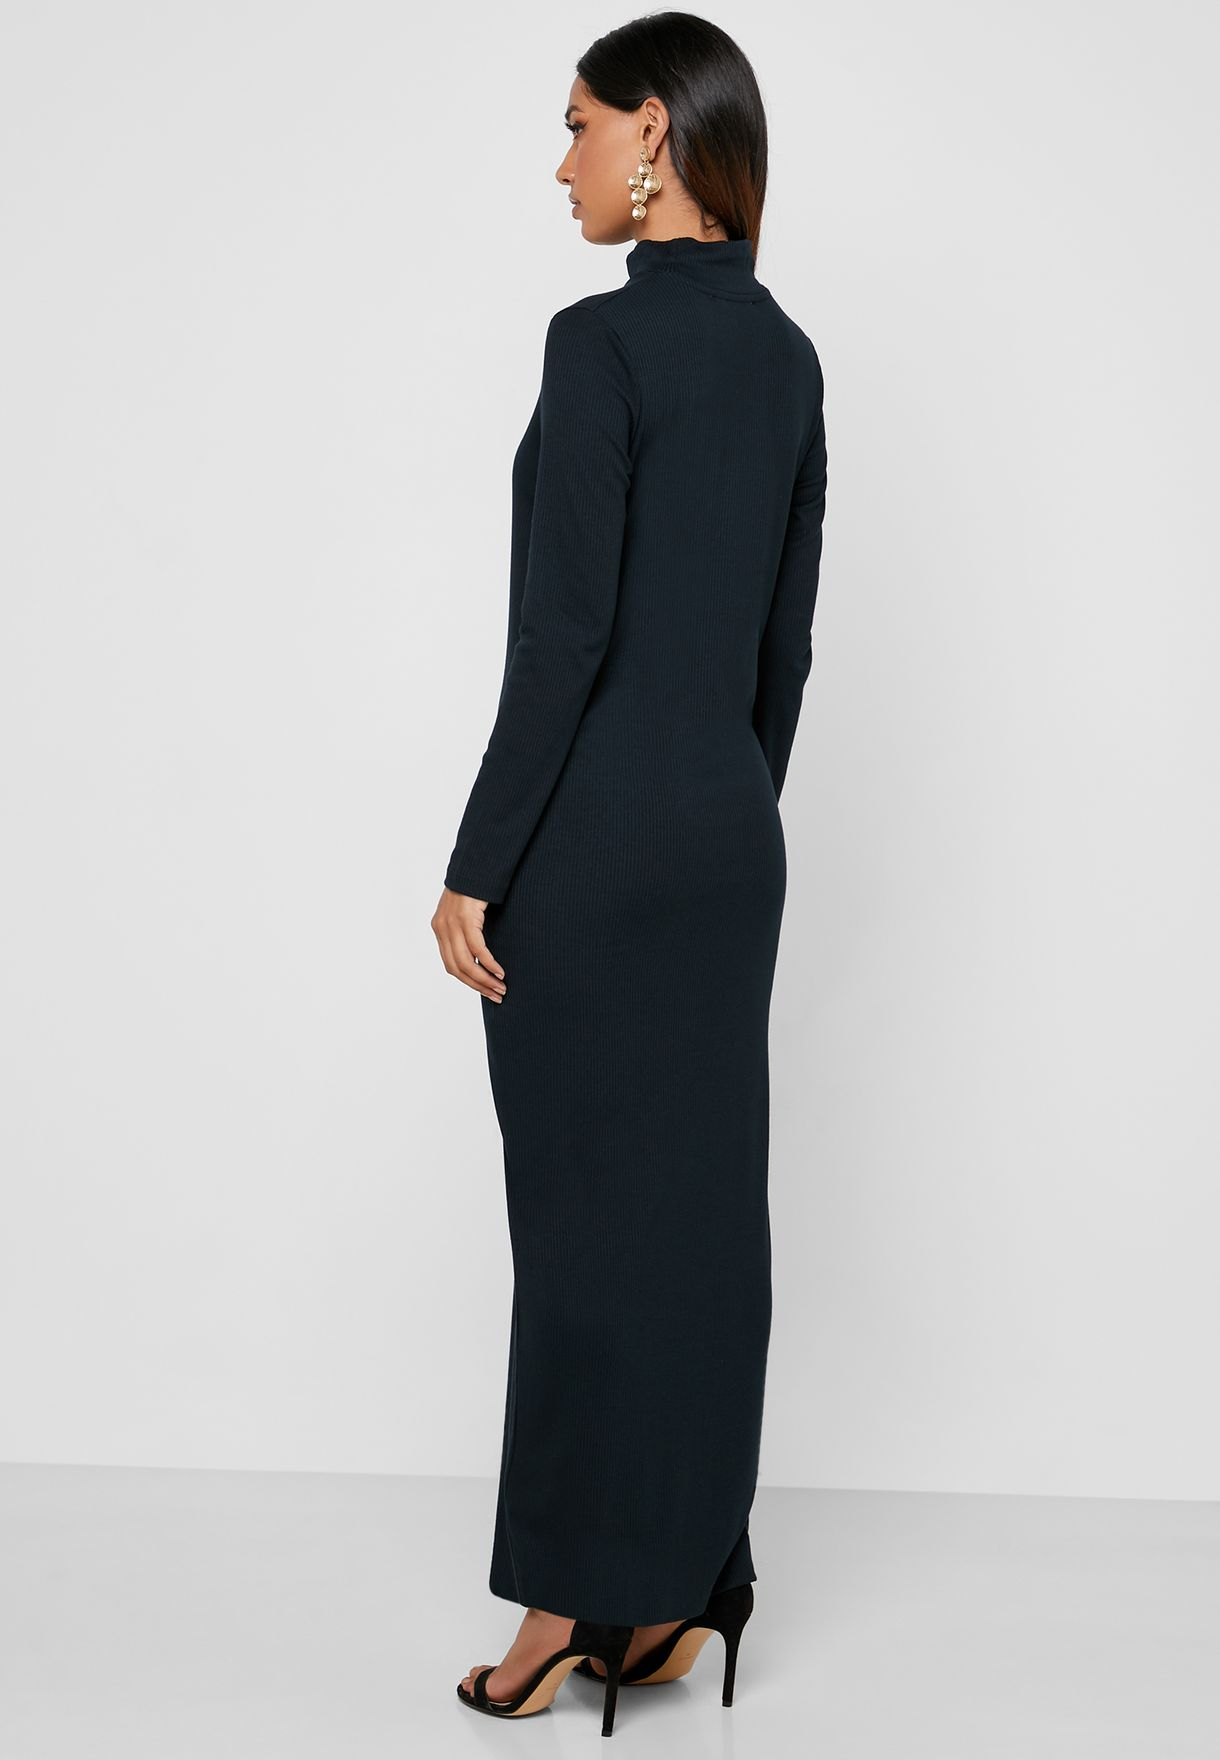 فستان بأكمام طويلة وياقة مرتفعة